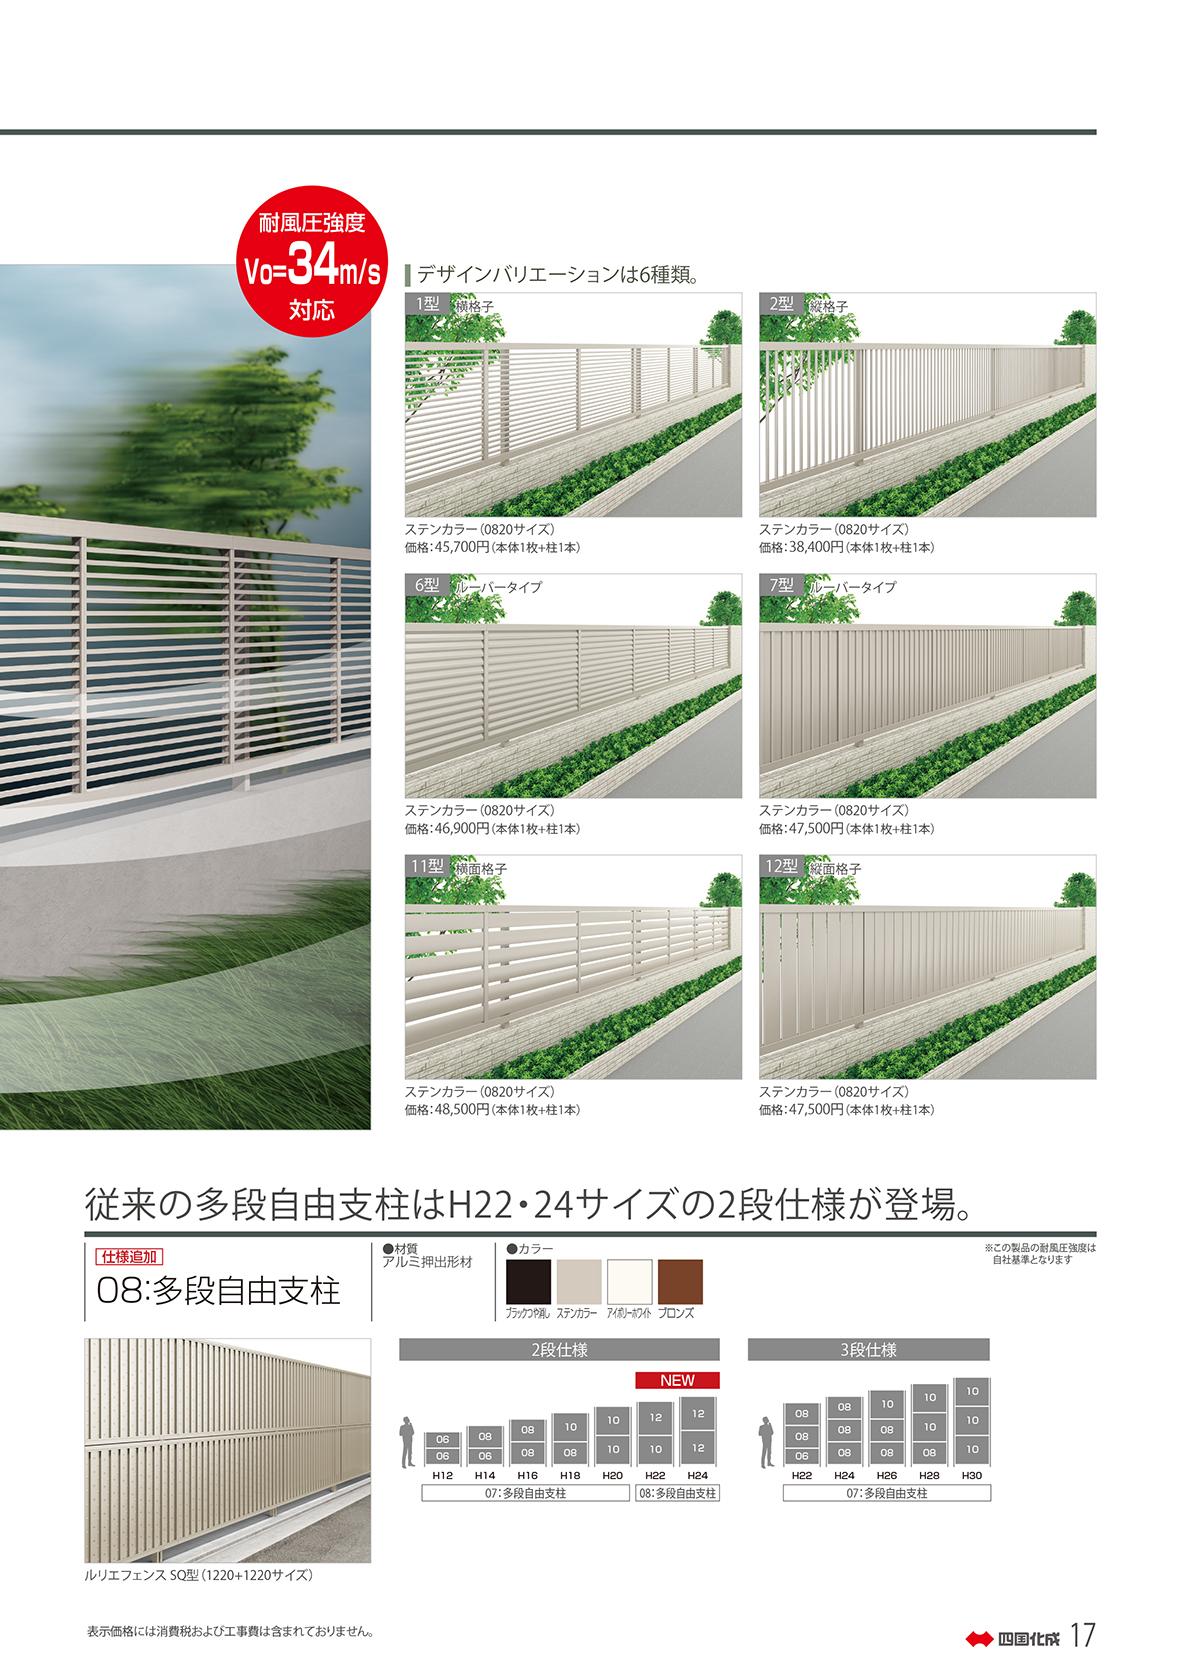 四国化成工業株式会社のスライドイメージ4枚目